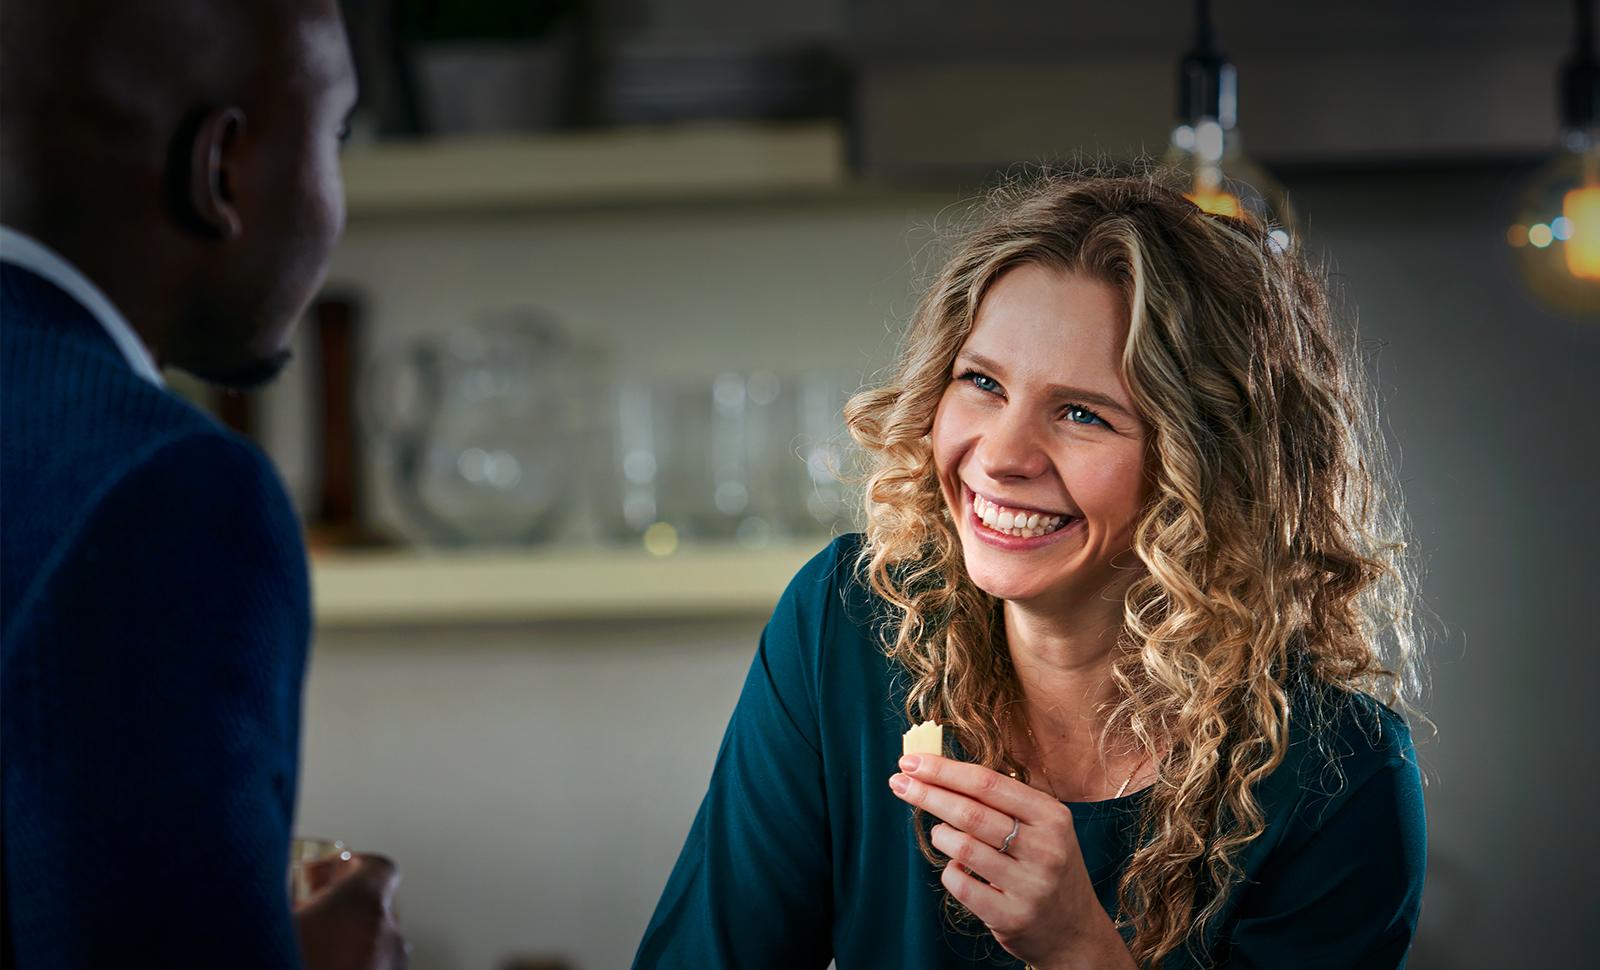 Femme dans la cuisine dégustant du fromage en discutant avec un homme.